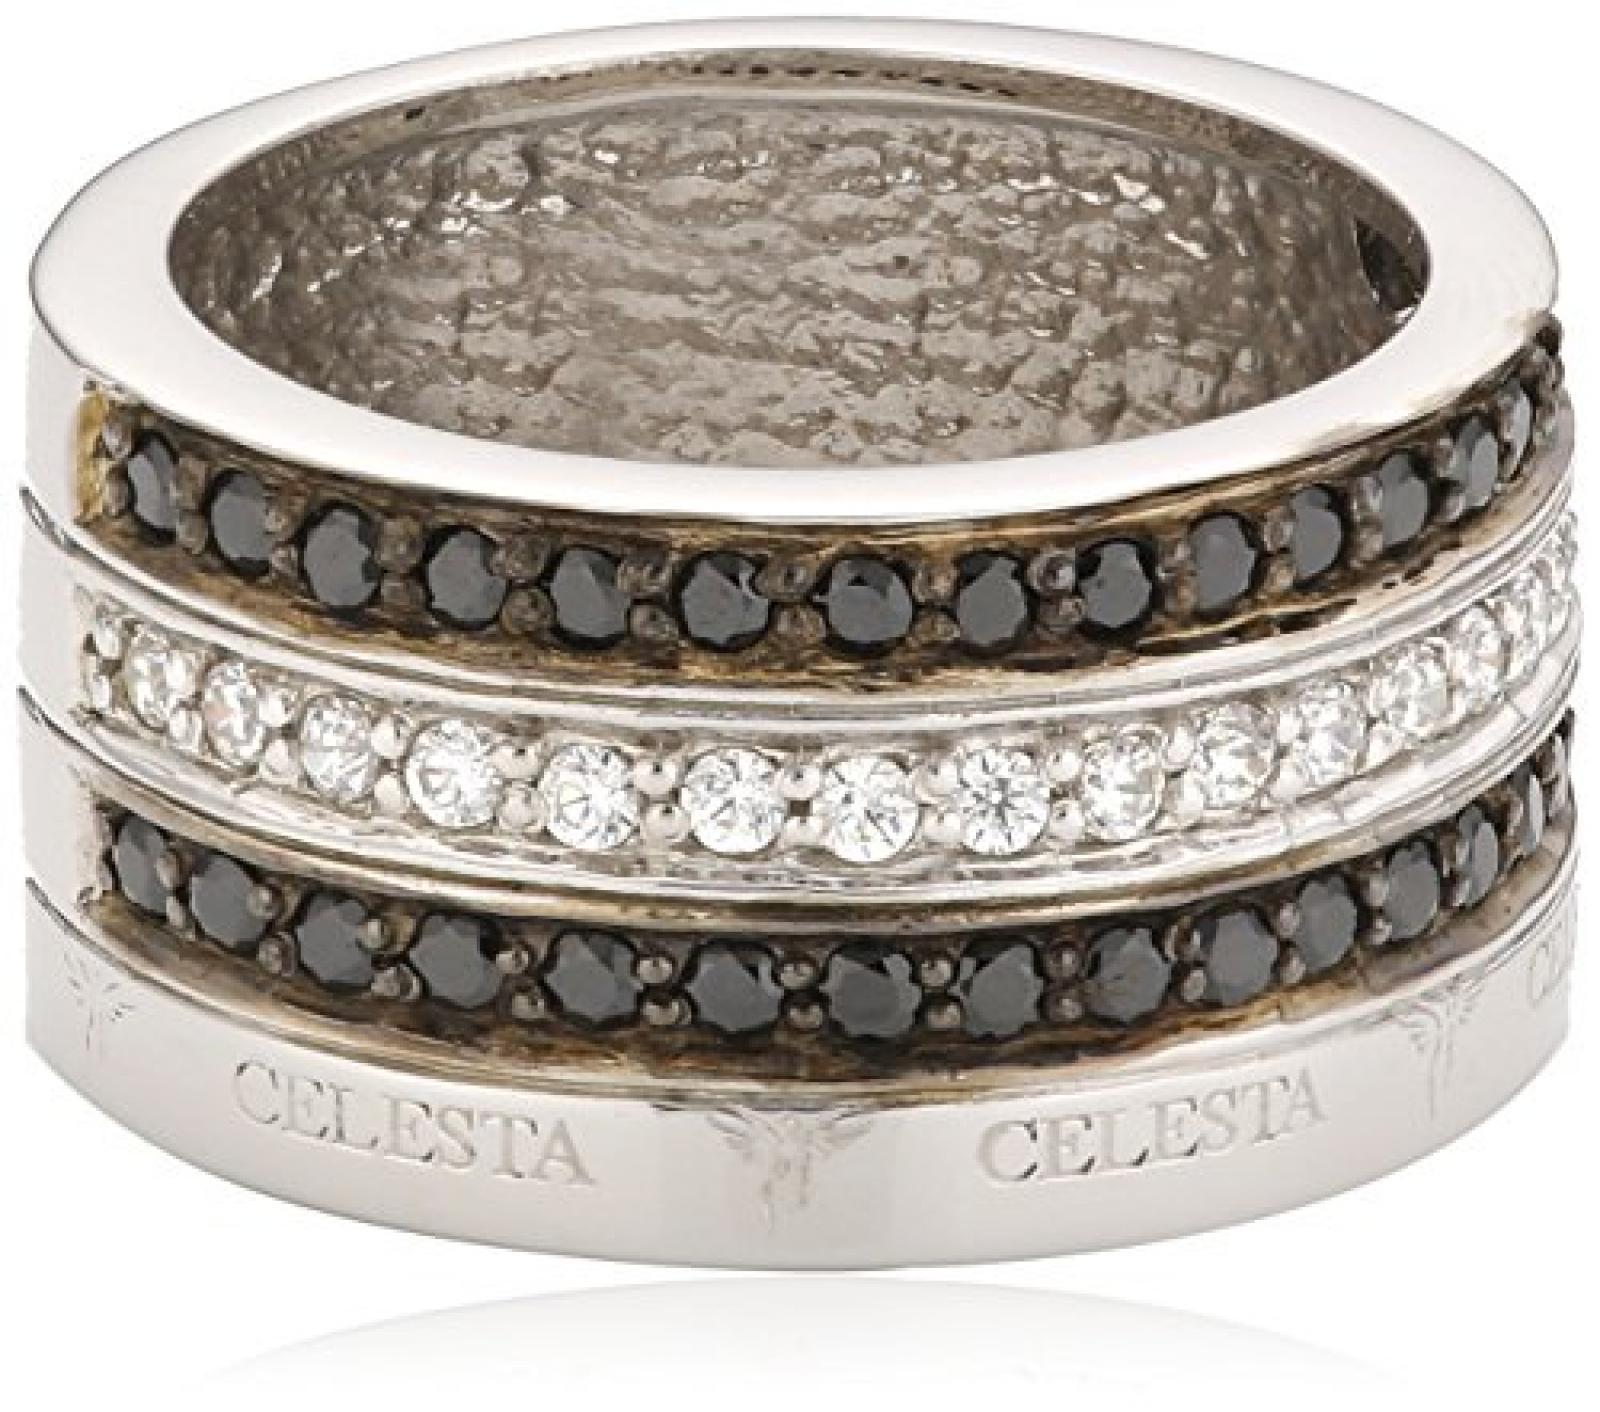 Celesta Damen-Ring 925 Sterlingsilber Zirkonia schwarz und weiß Gr. 60 (19.1) 273270753060